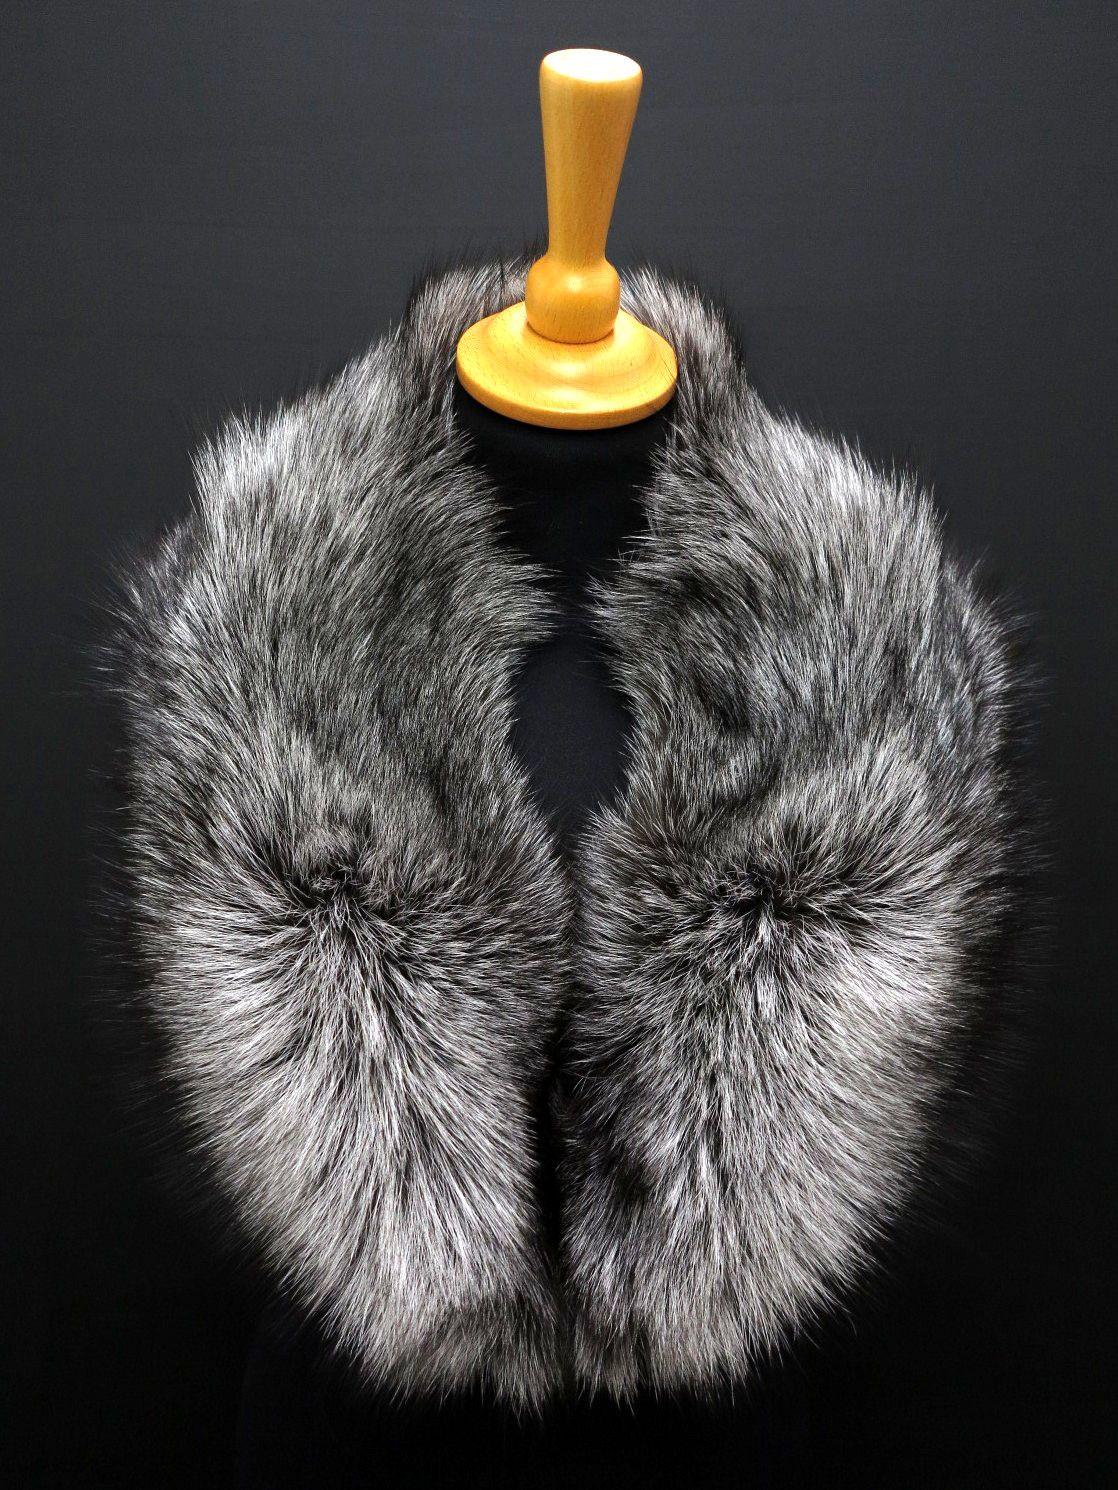 b6801064fb6 Luxusní límec z kožešiny - stříbrná liška  kuzedeluxe  prava  kozesina   real  fur